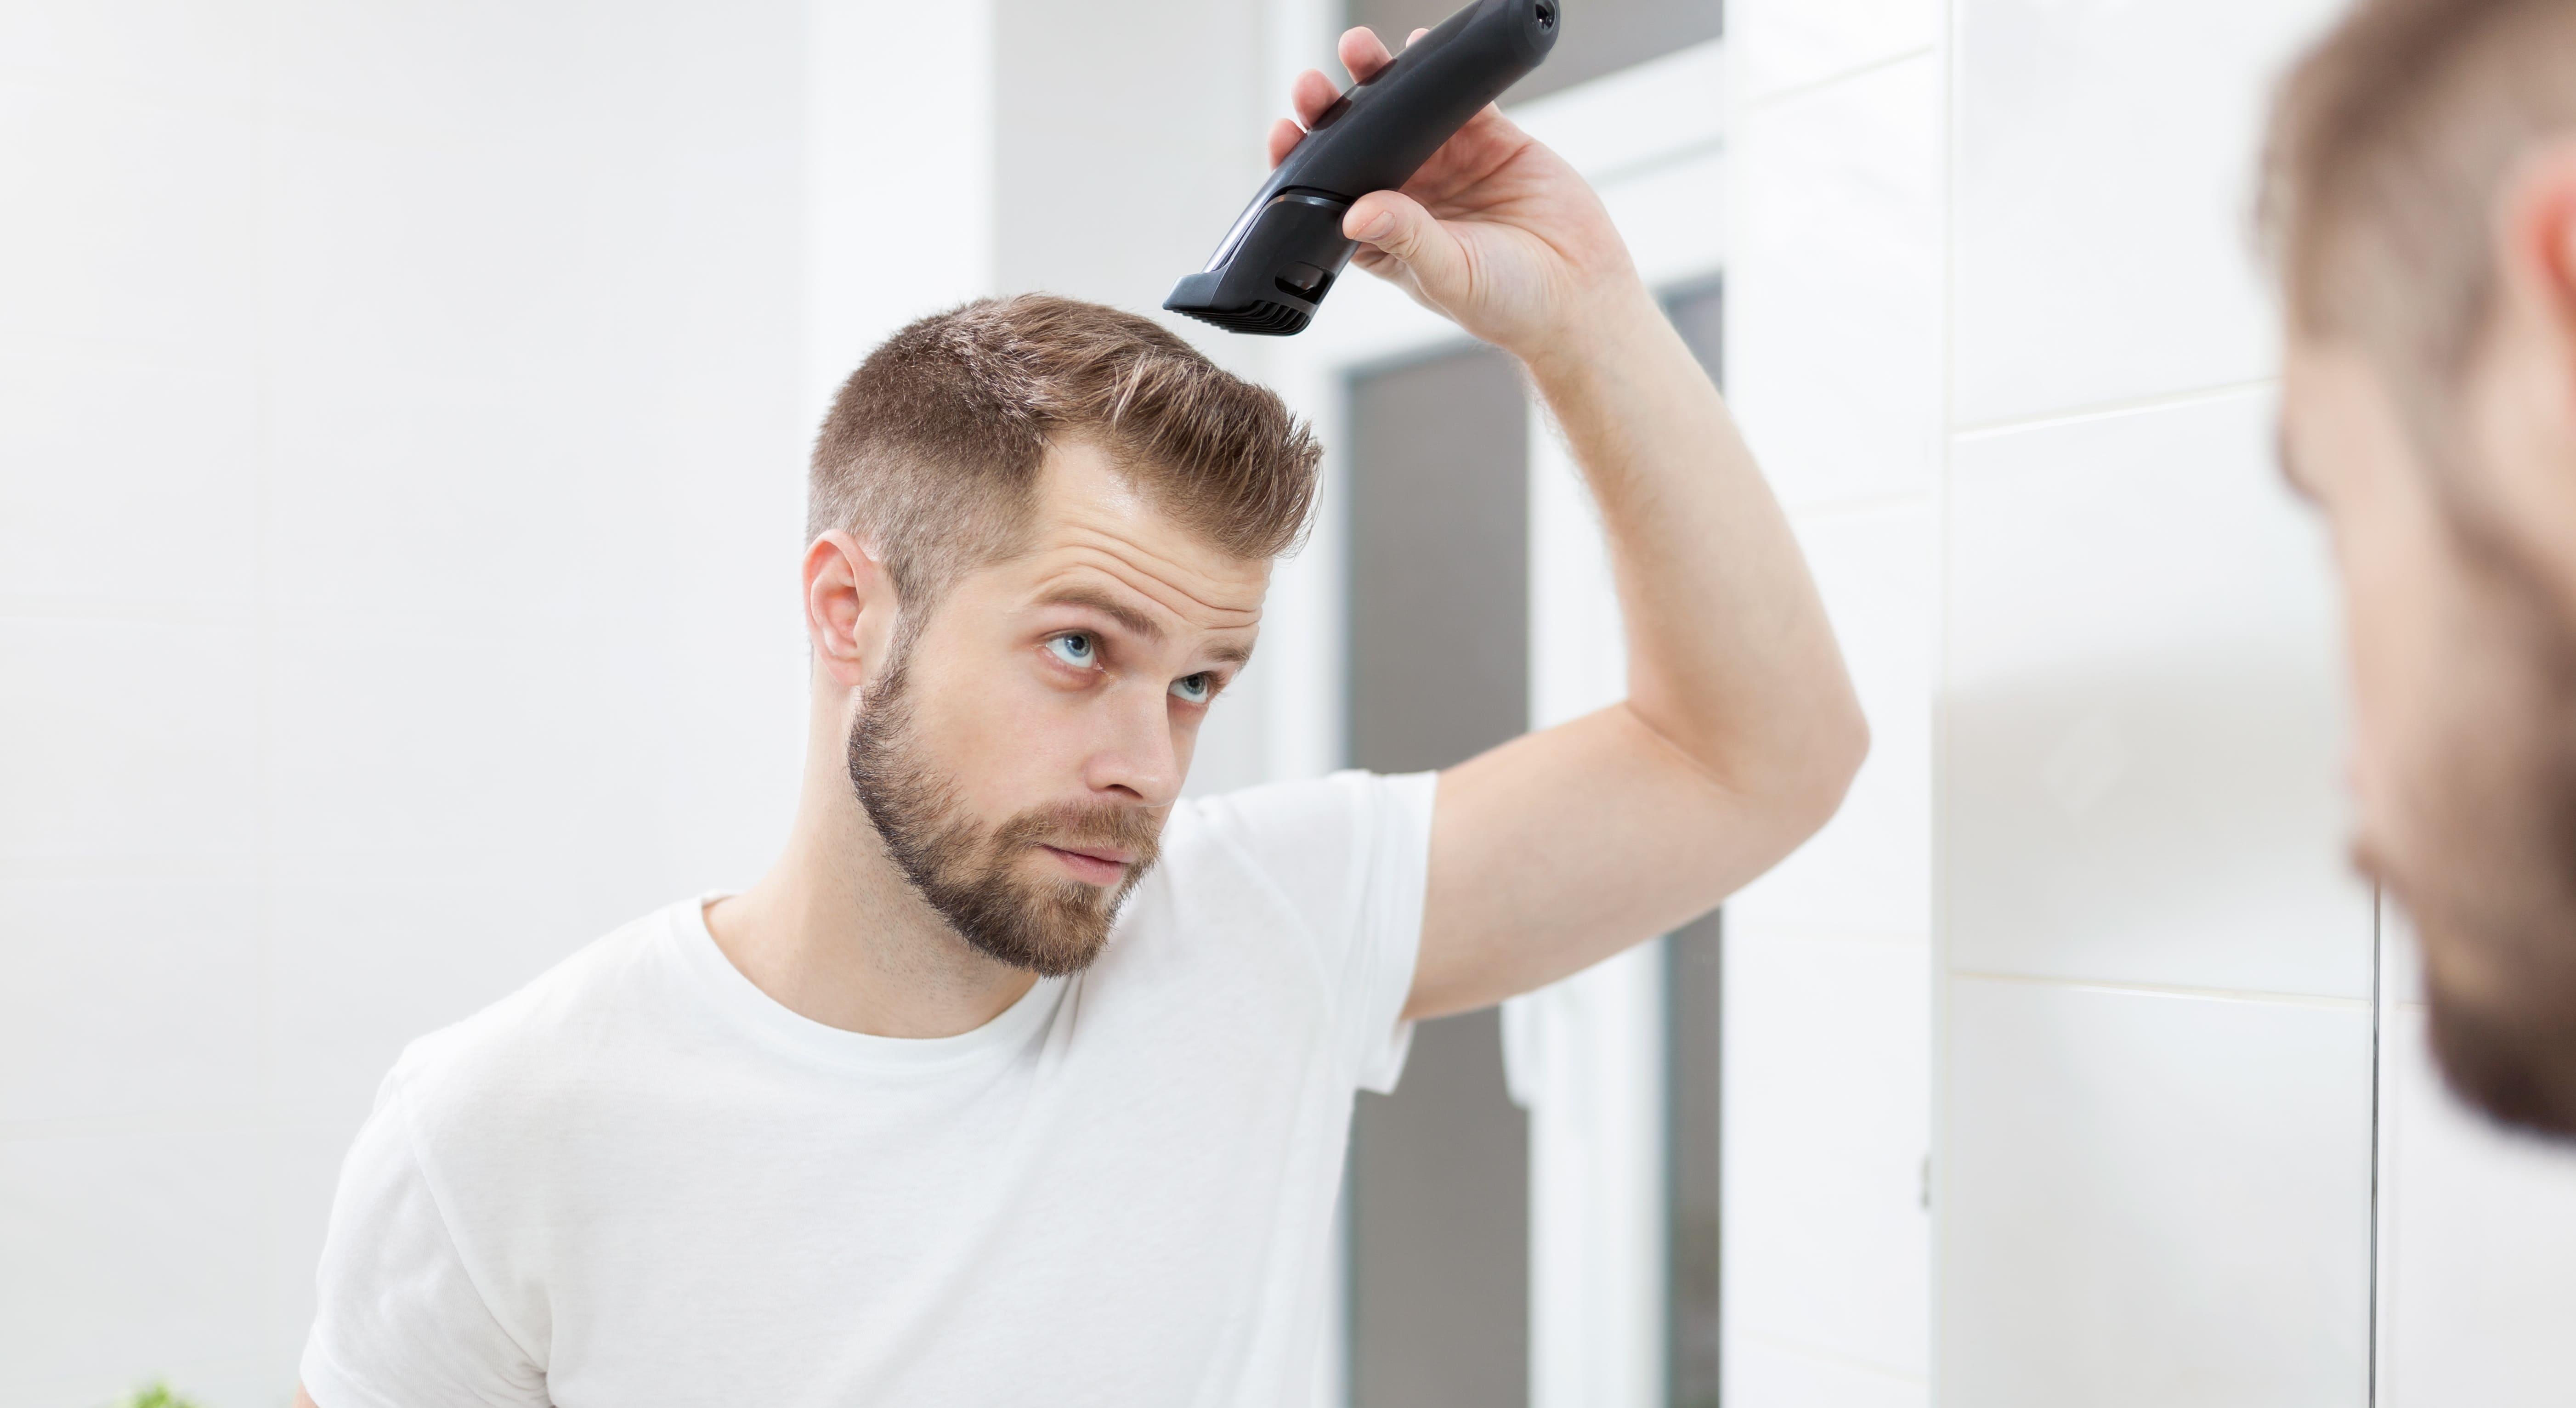 Haarkranz Frisur - gut aussehender Mann schneidet sich die Haare mit einem Haarschneider